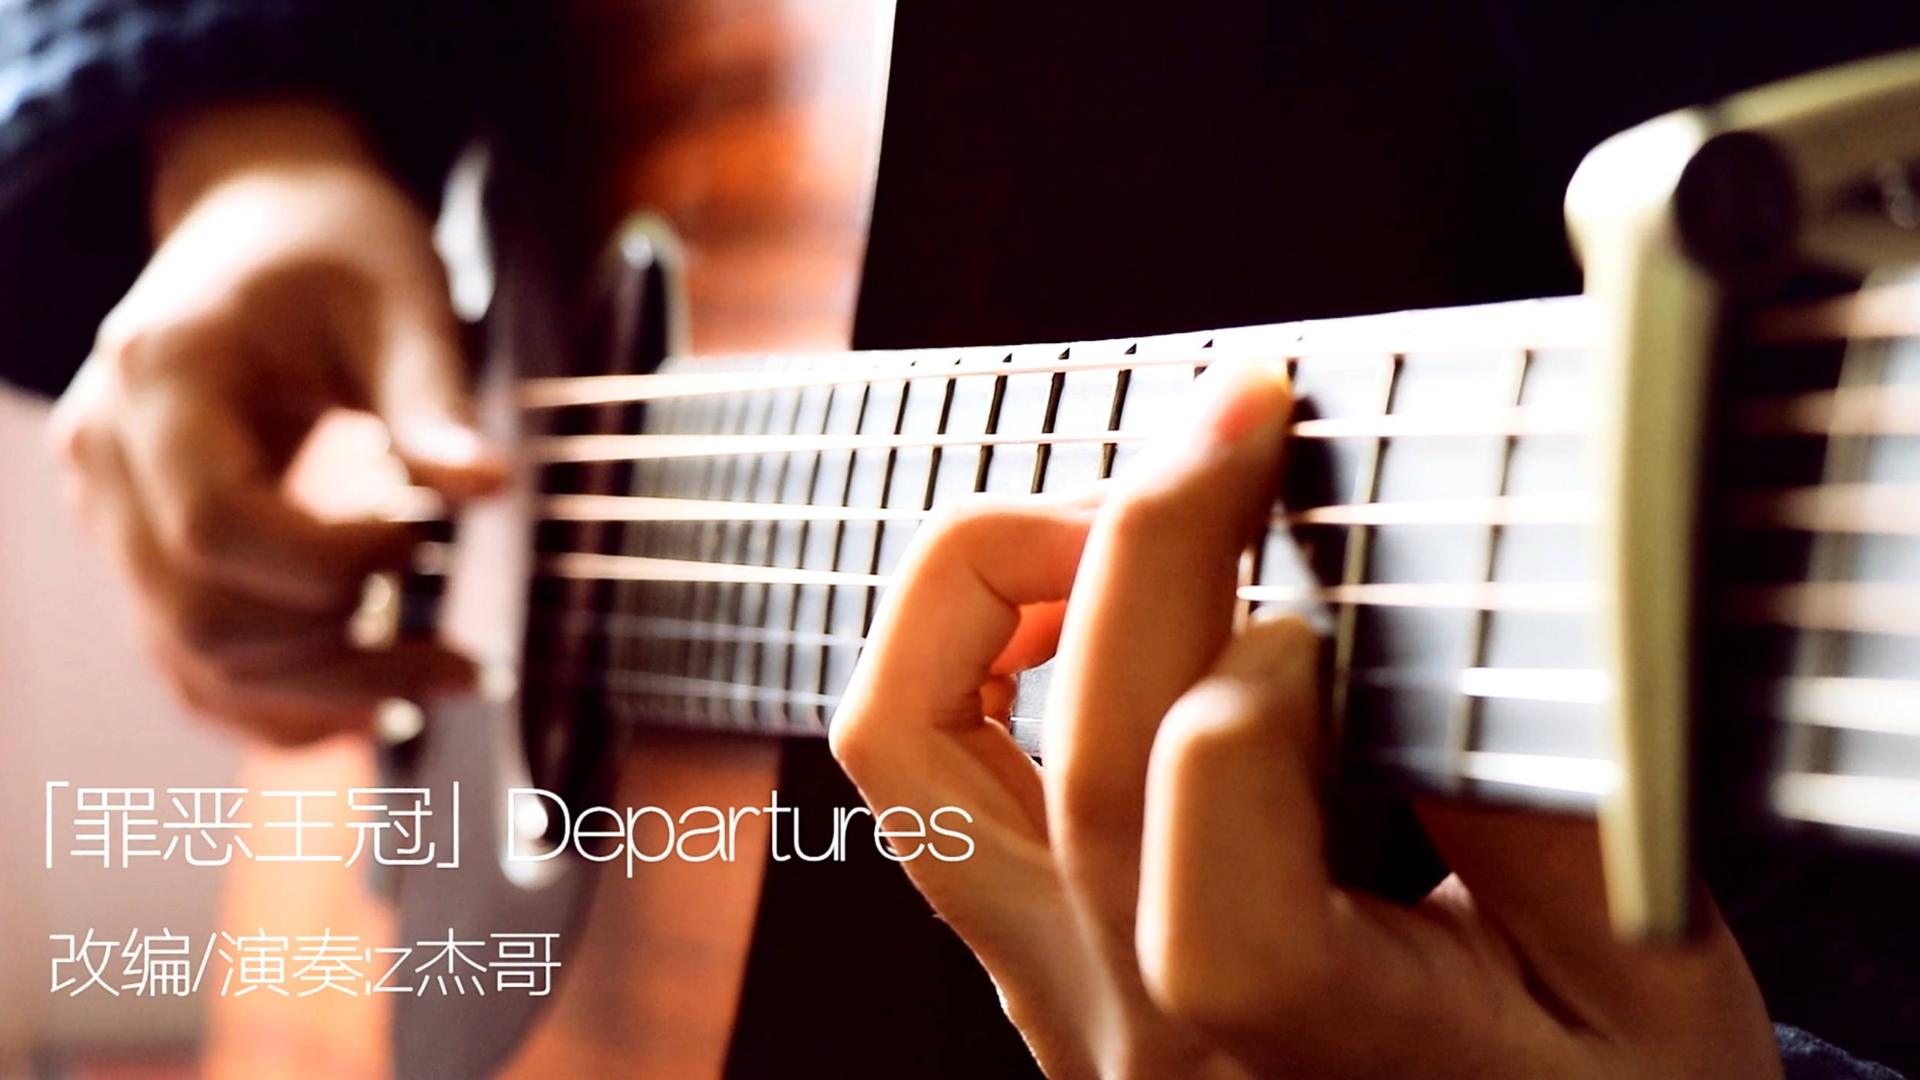 【指弹吉他】罪恶王冠ED-departures,唯美指弹演奏!